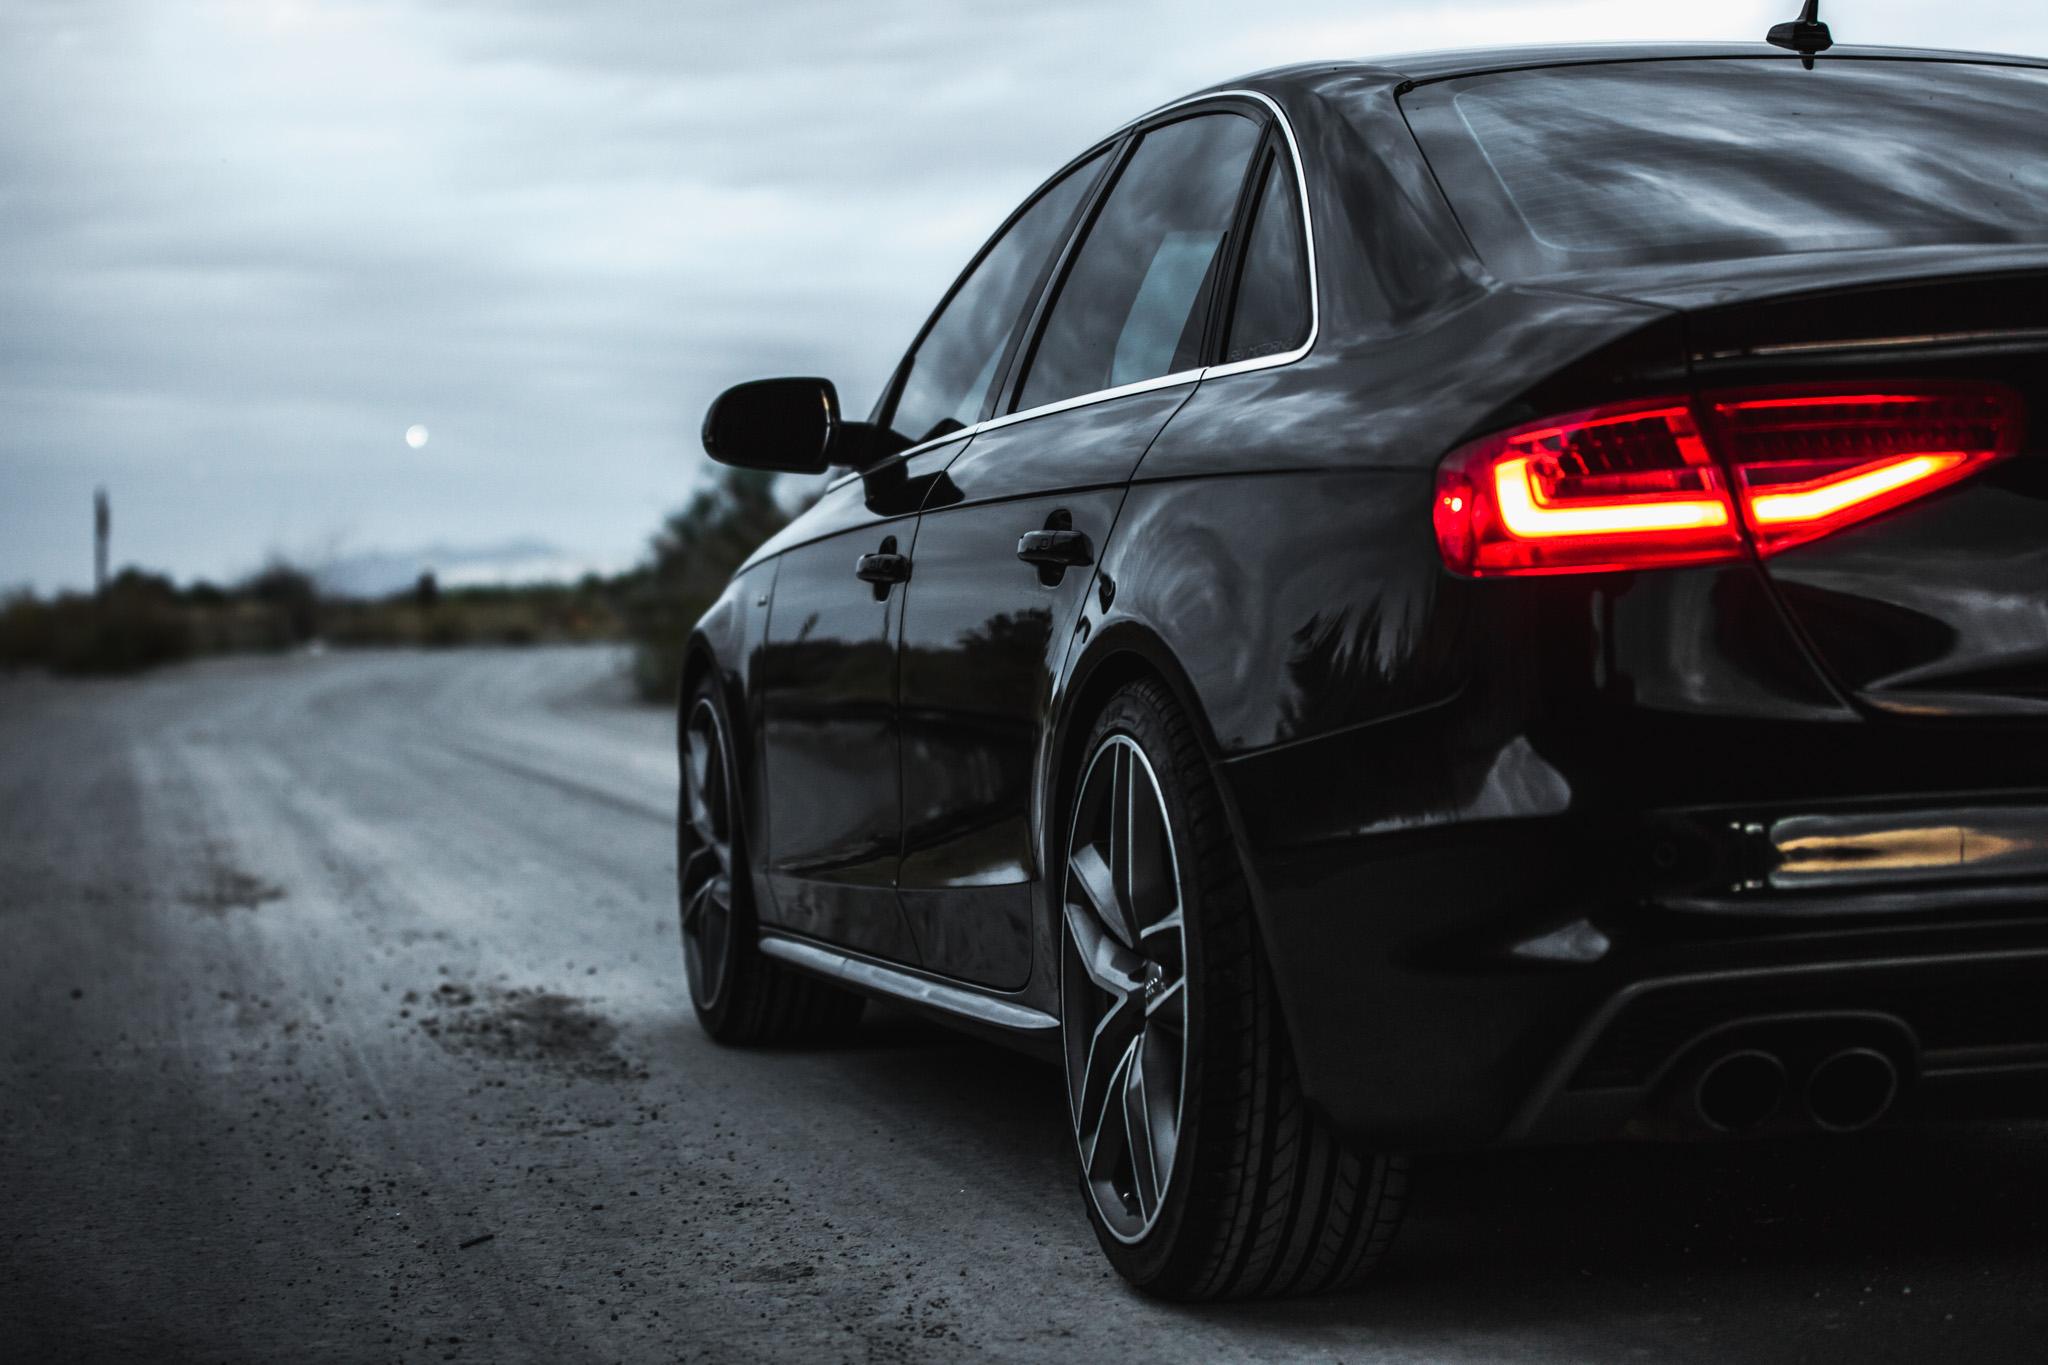 2014 Audi A4 Manual-40.jpg